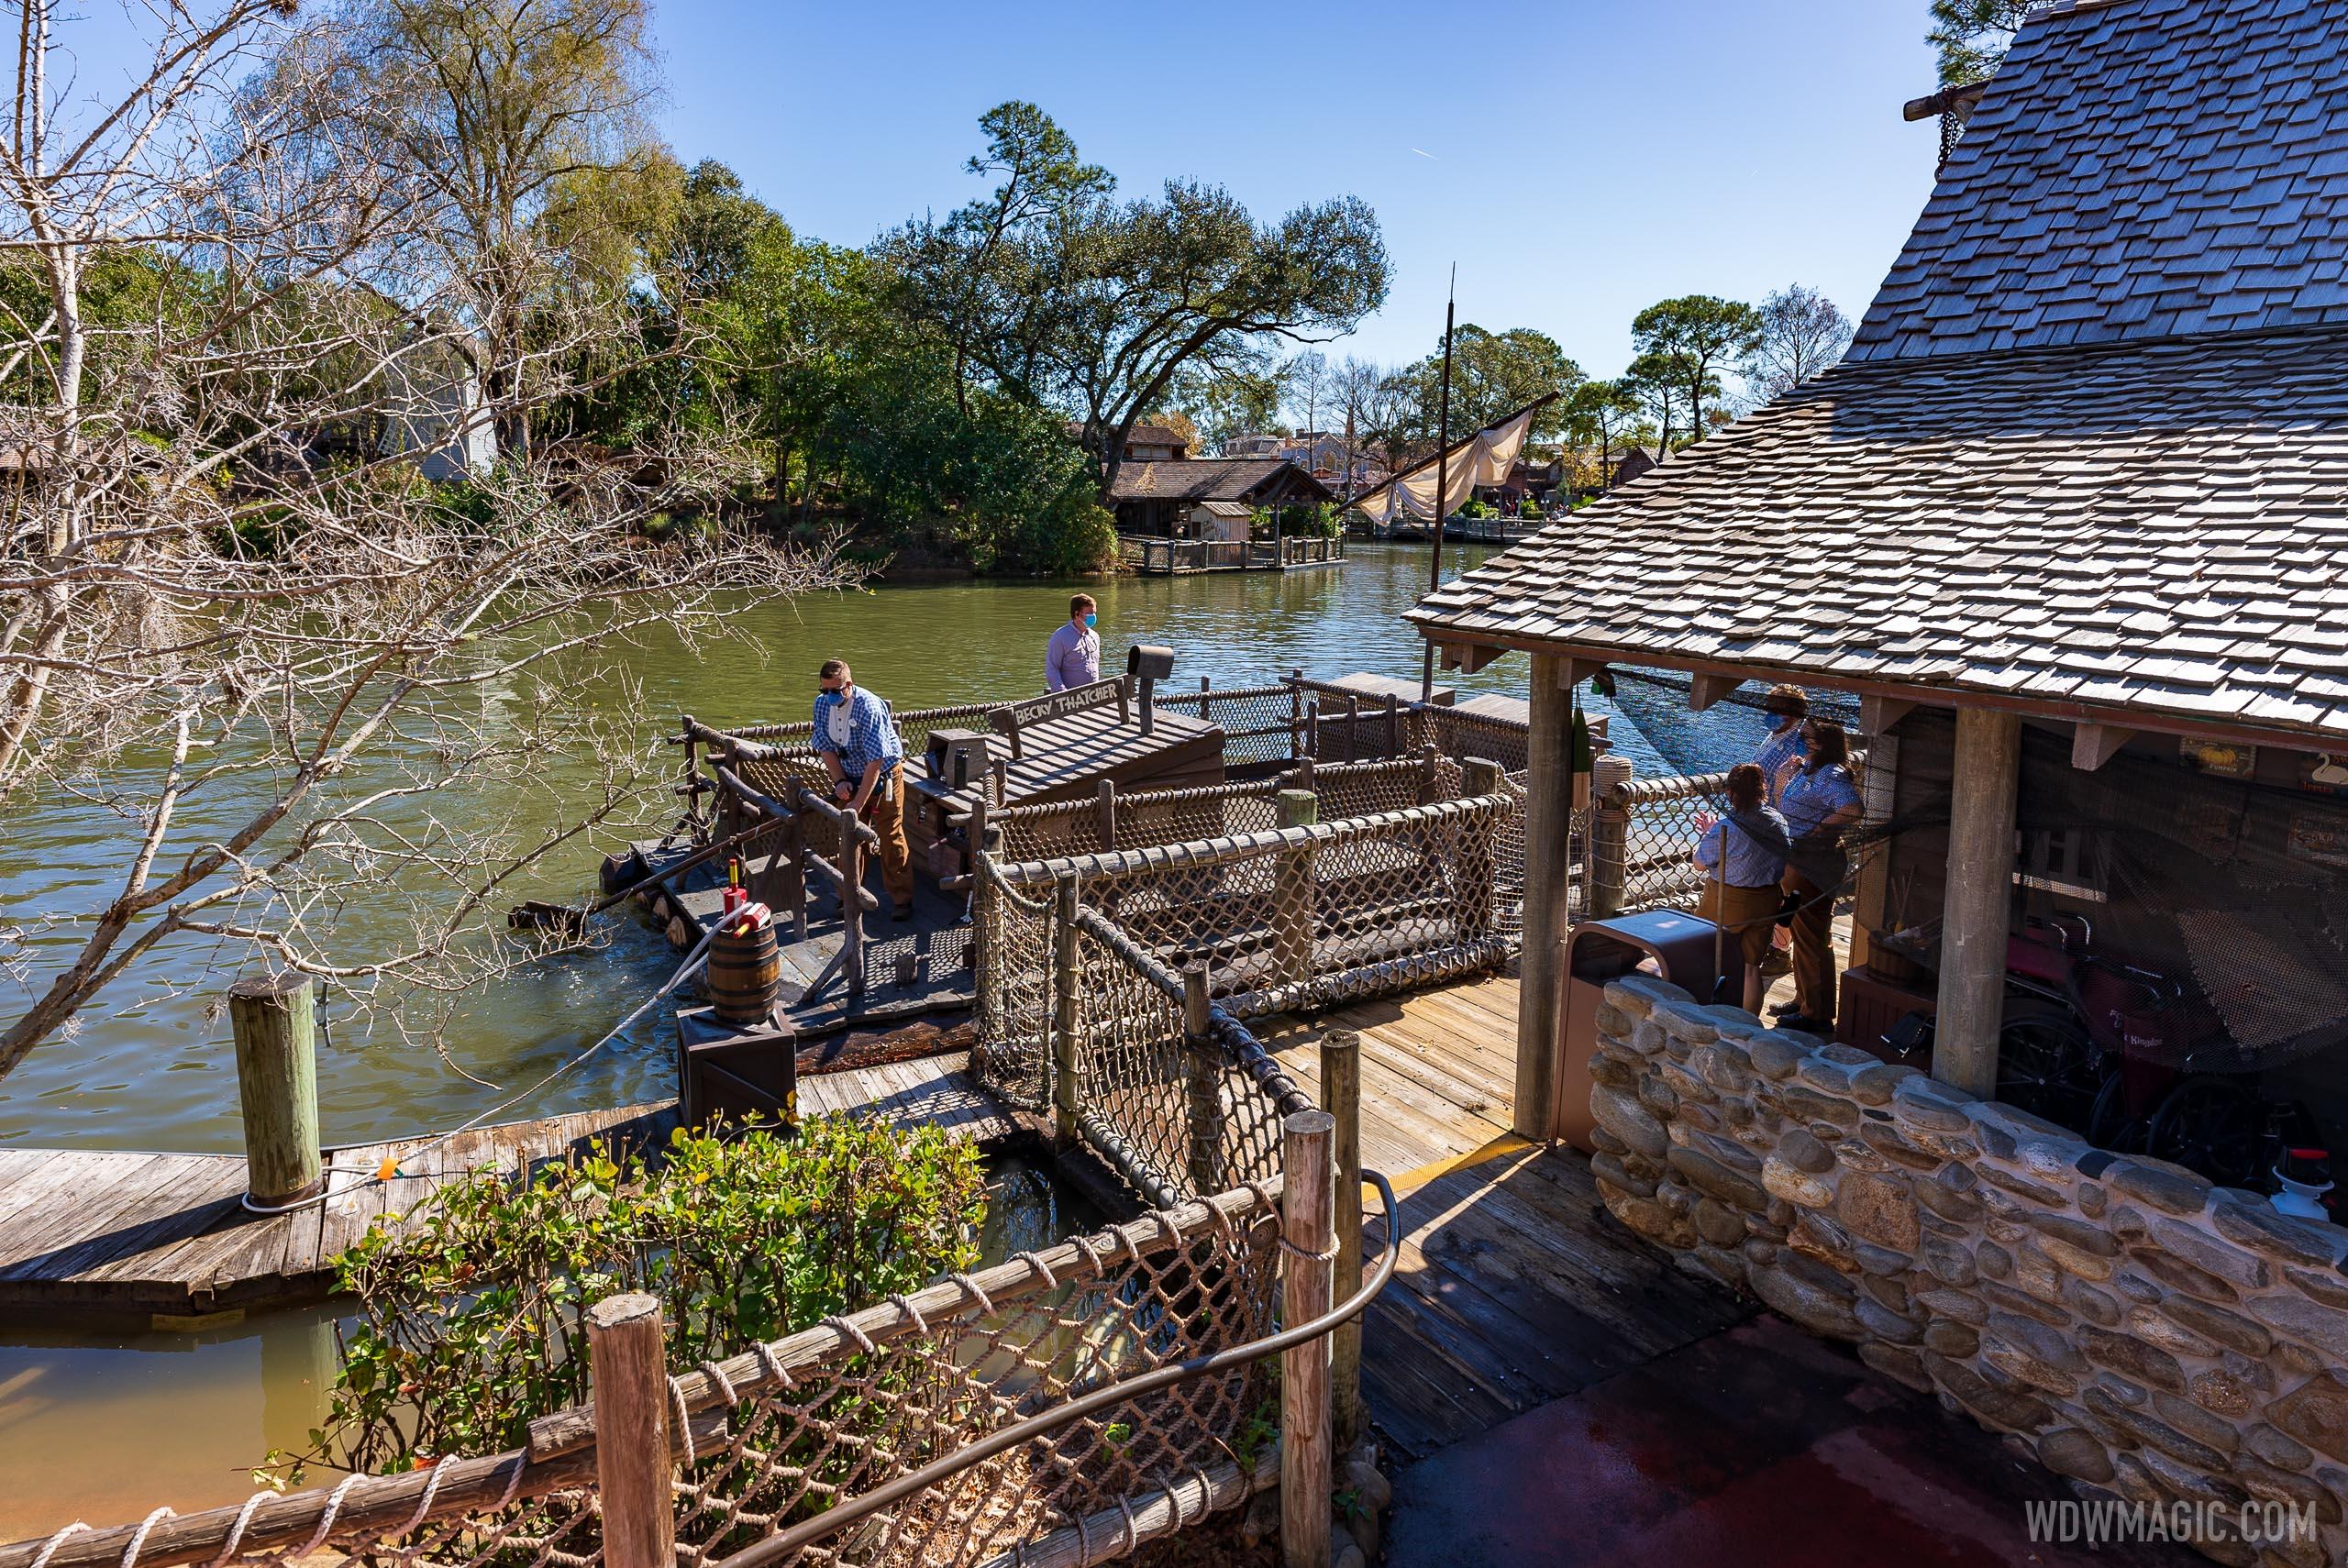 Tom Sawyer Island reopening February 2021